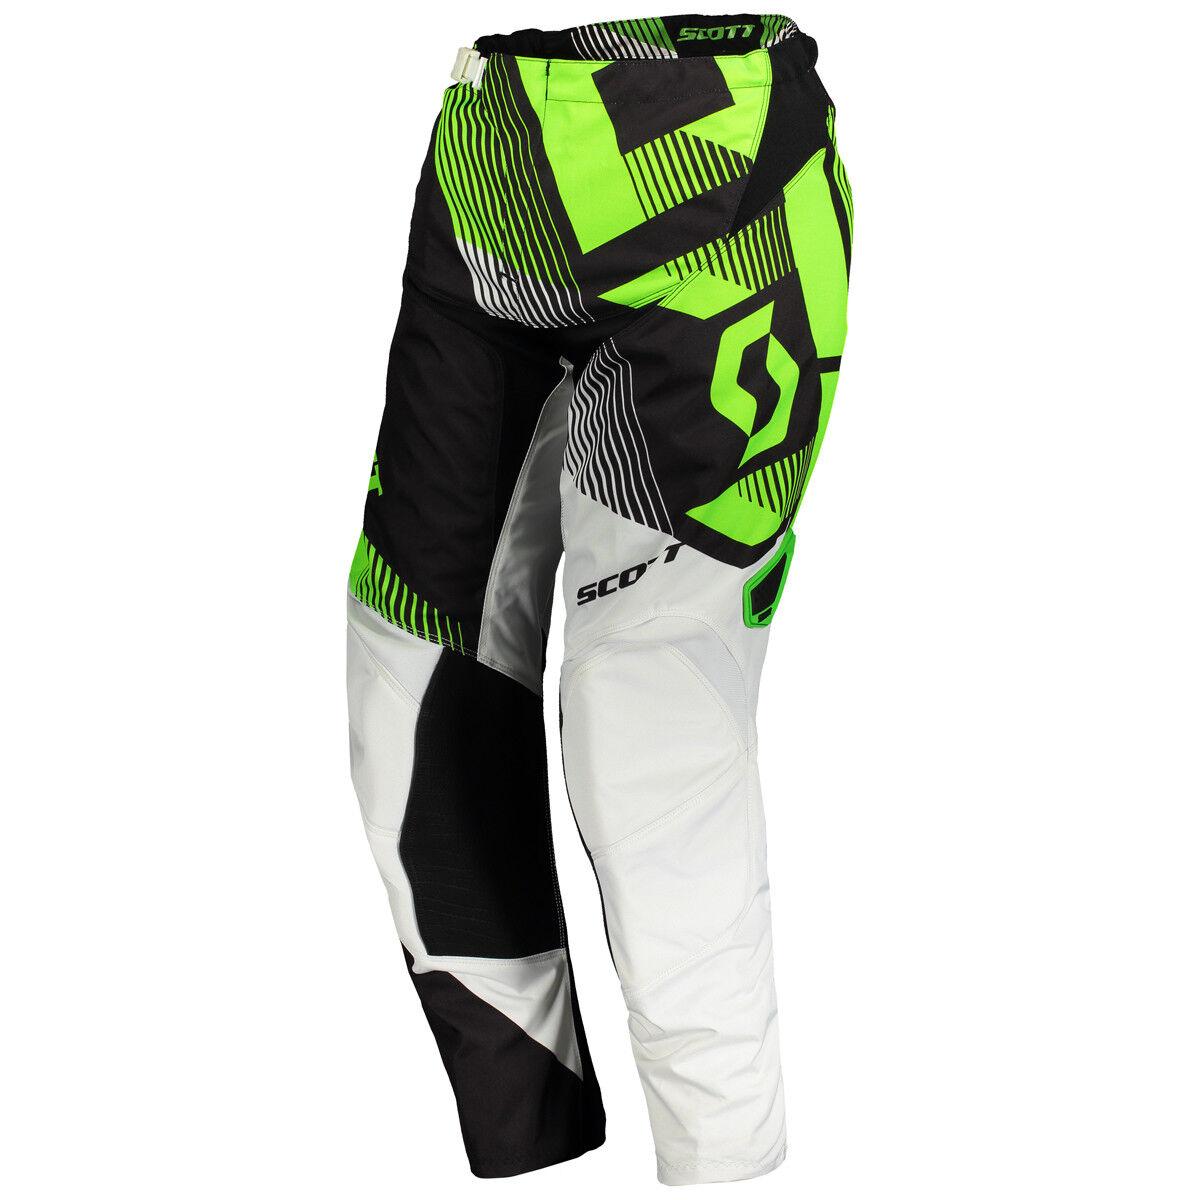 Scott 350 Dirt MX Motocross / DH Fahrrad Hose weiß/schwarz/grün 2018